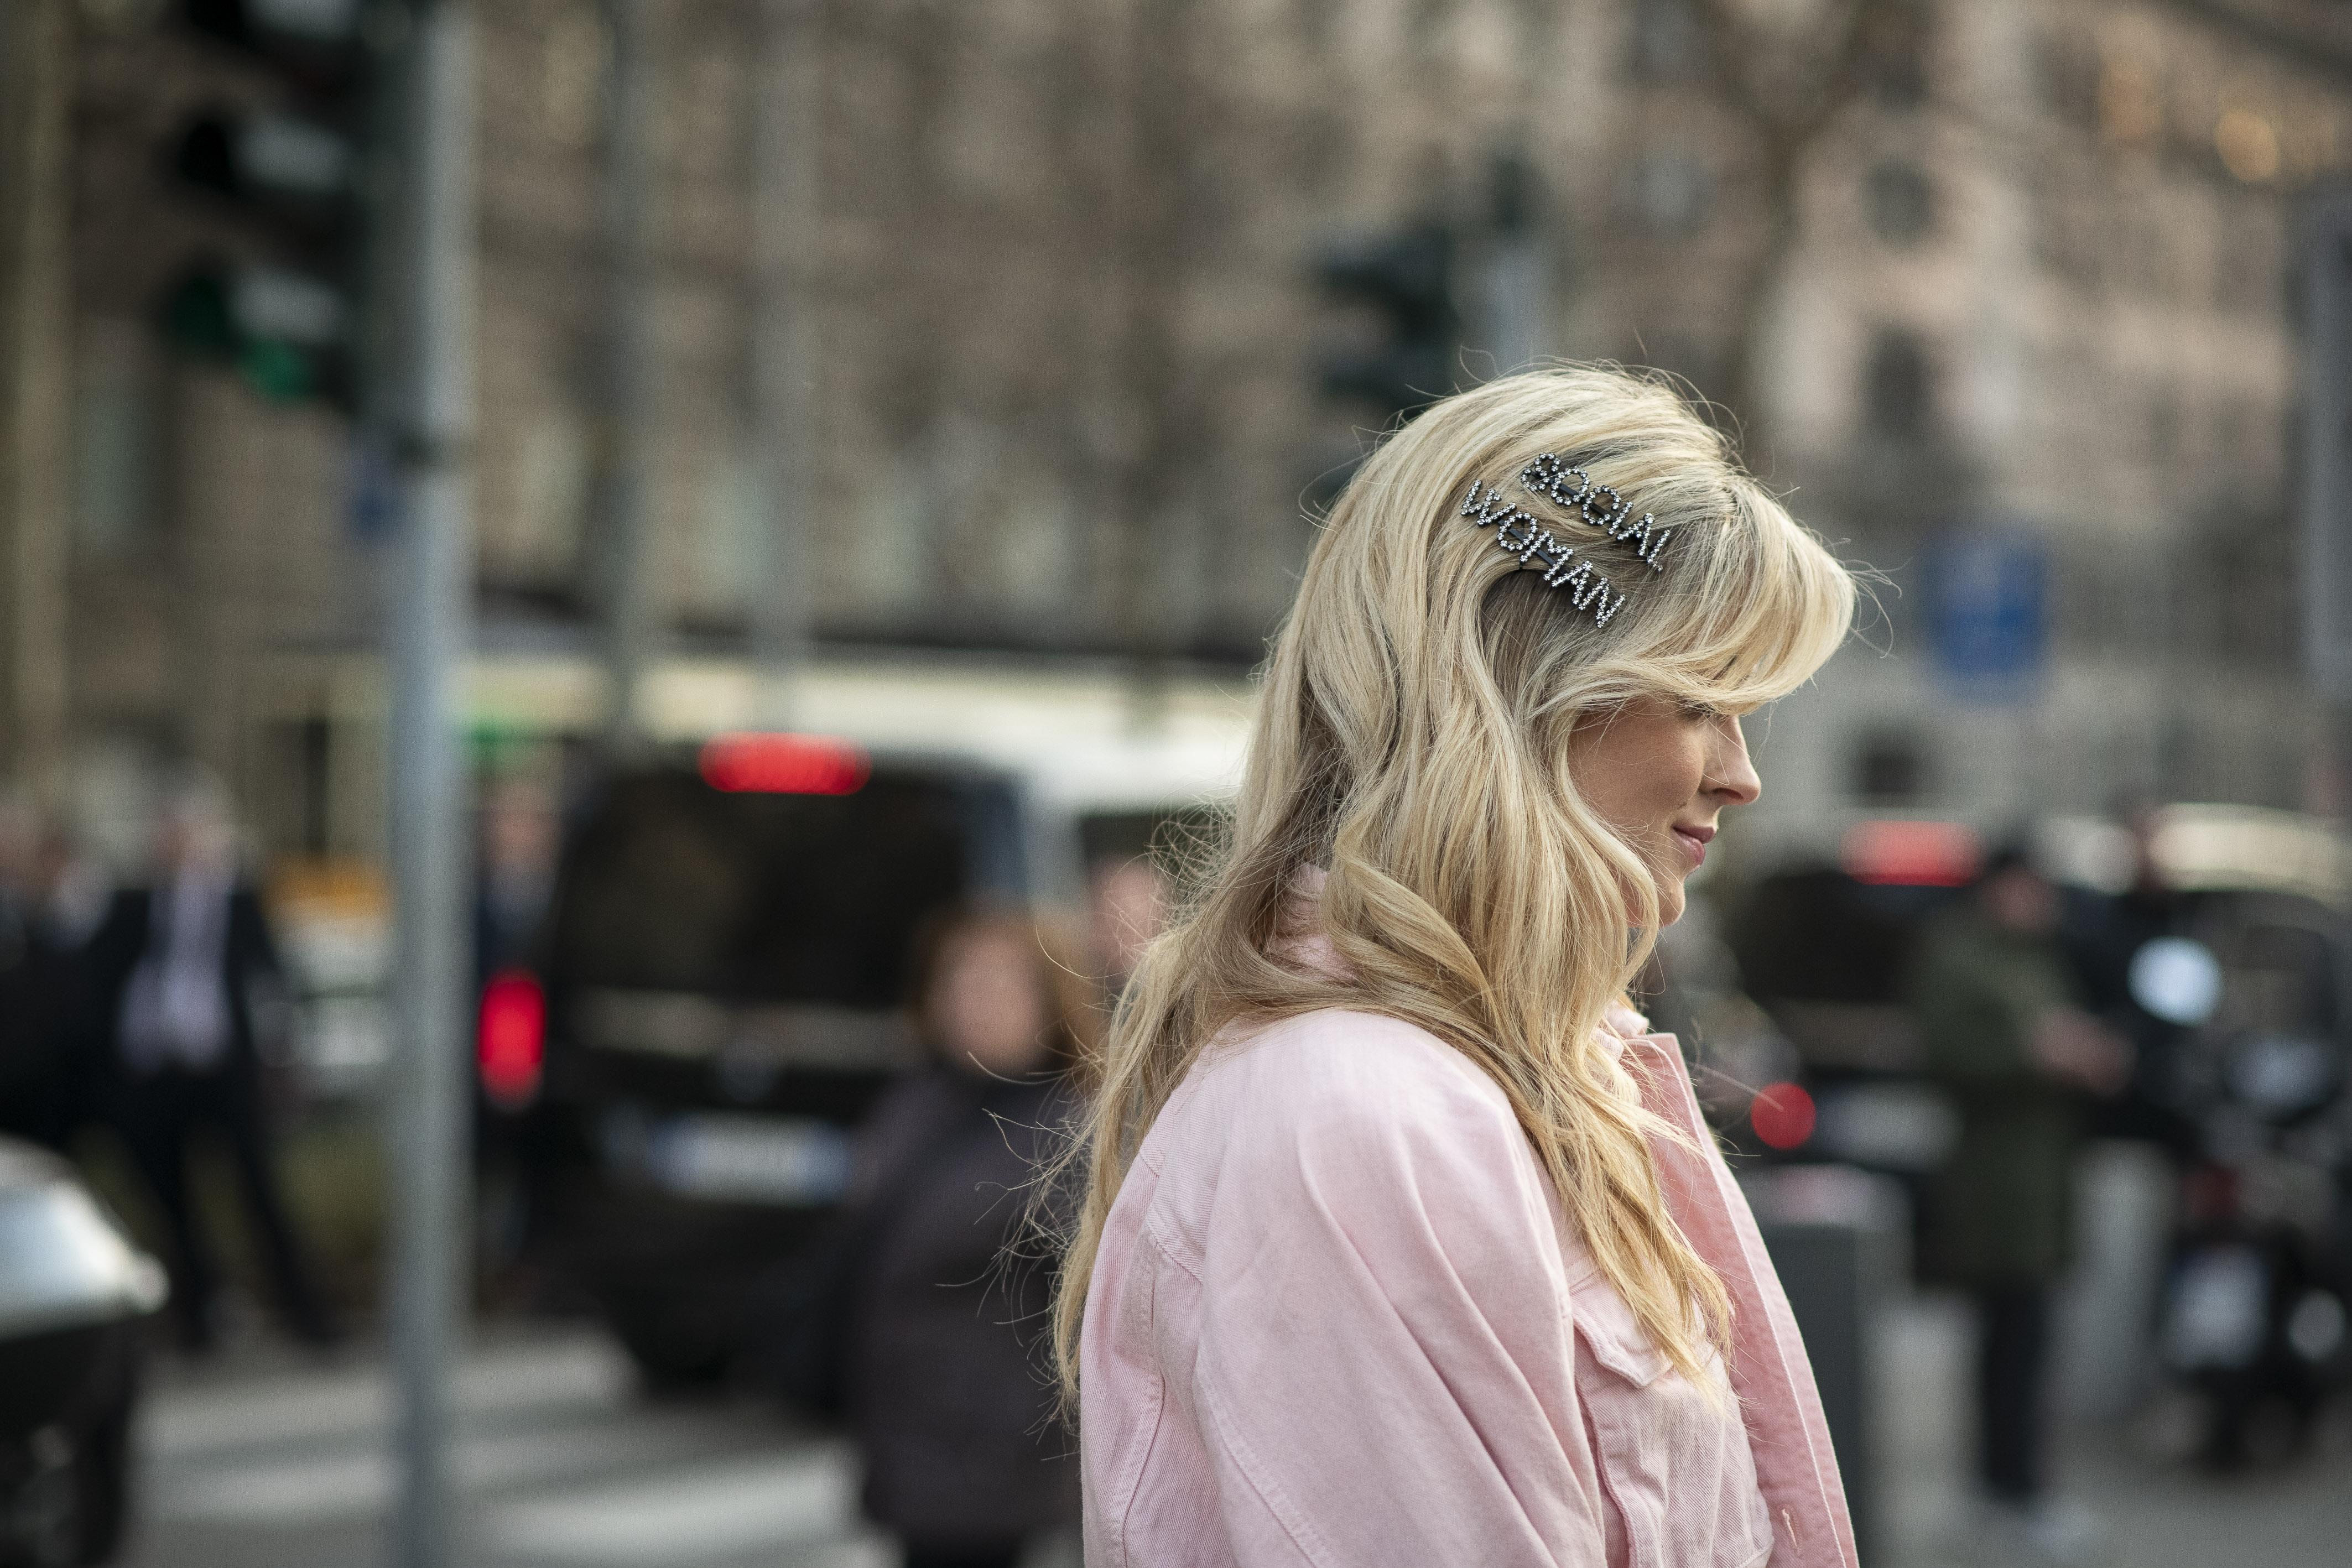 Alberta Ferretti ppl W F19 MI 056 - Street style e fashion week: un binomio perfetto